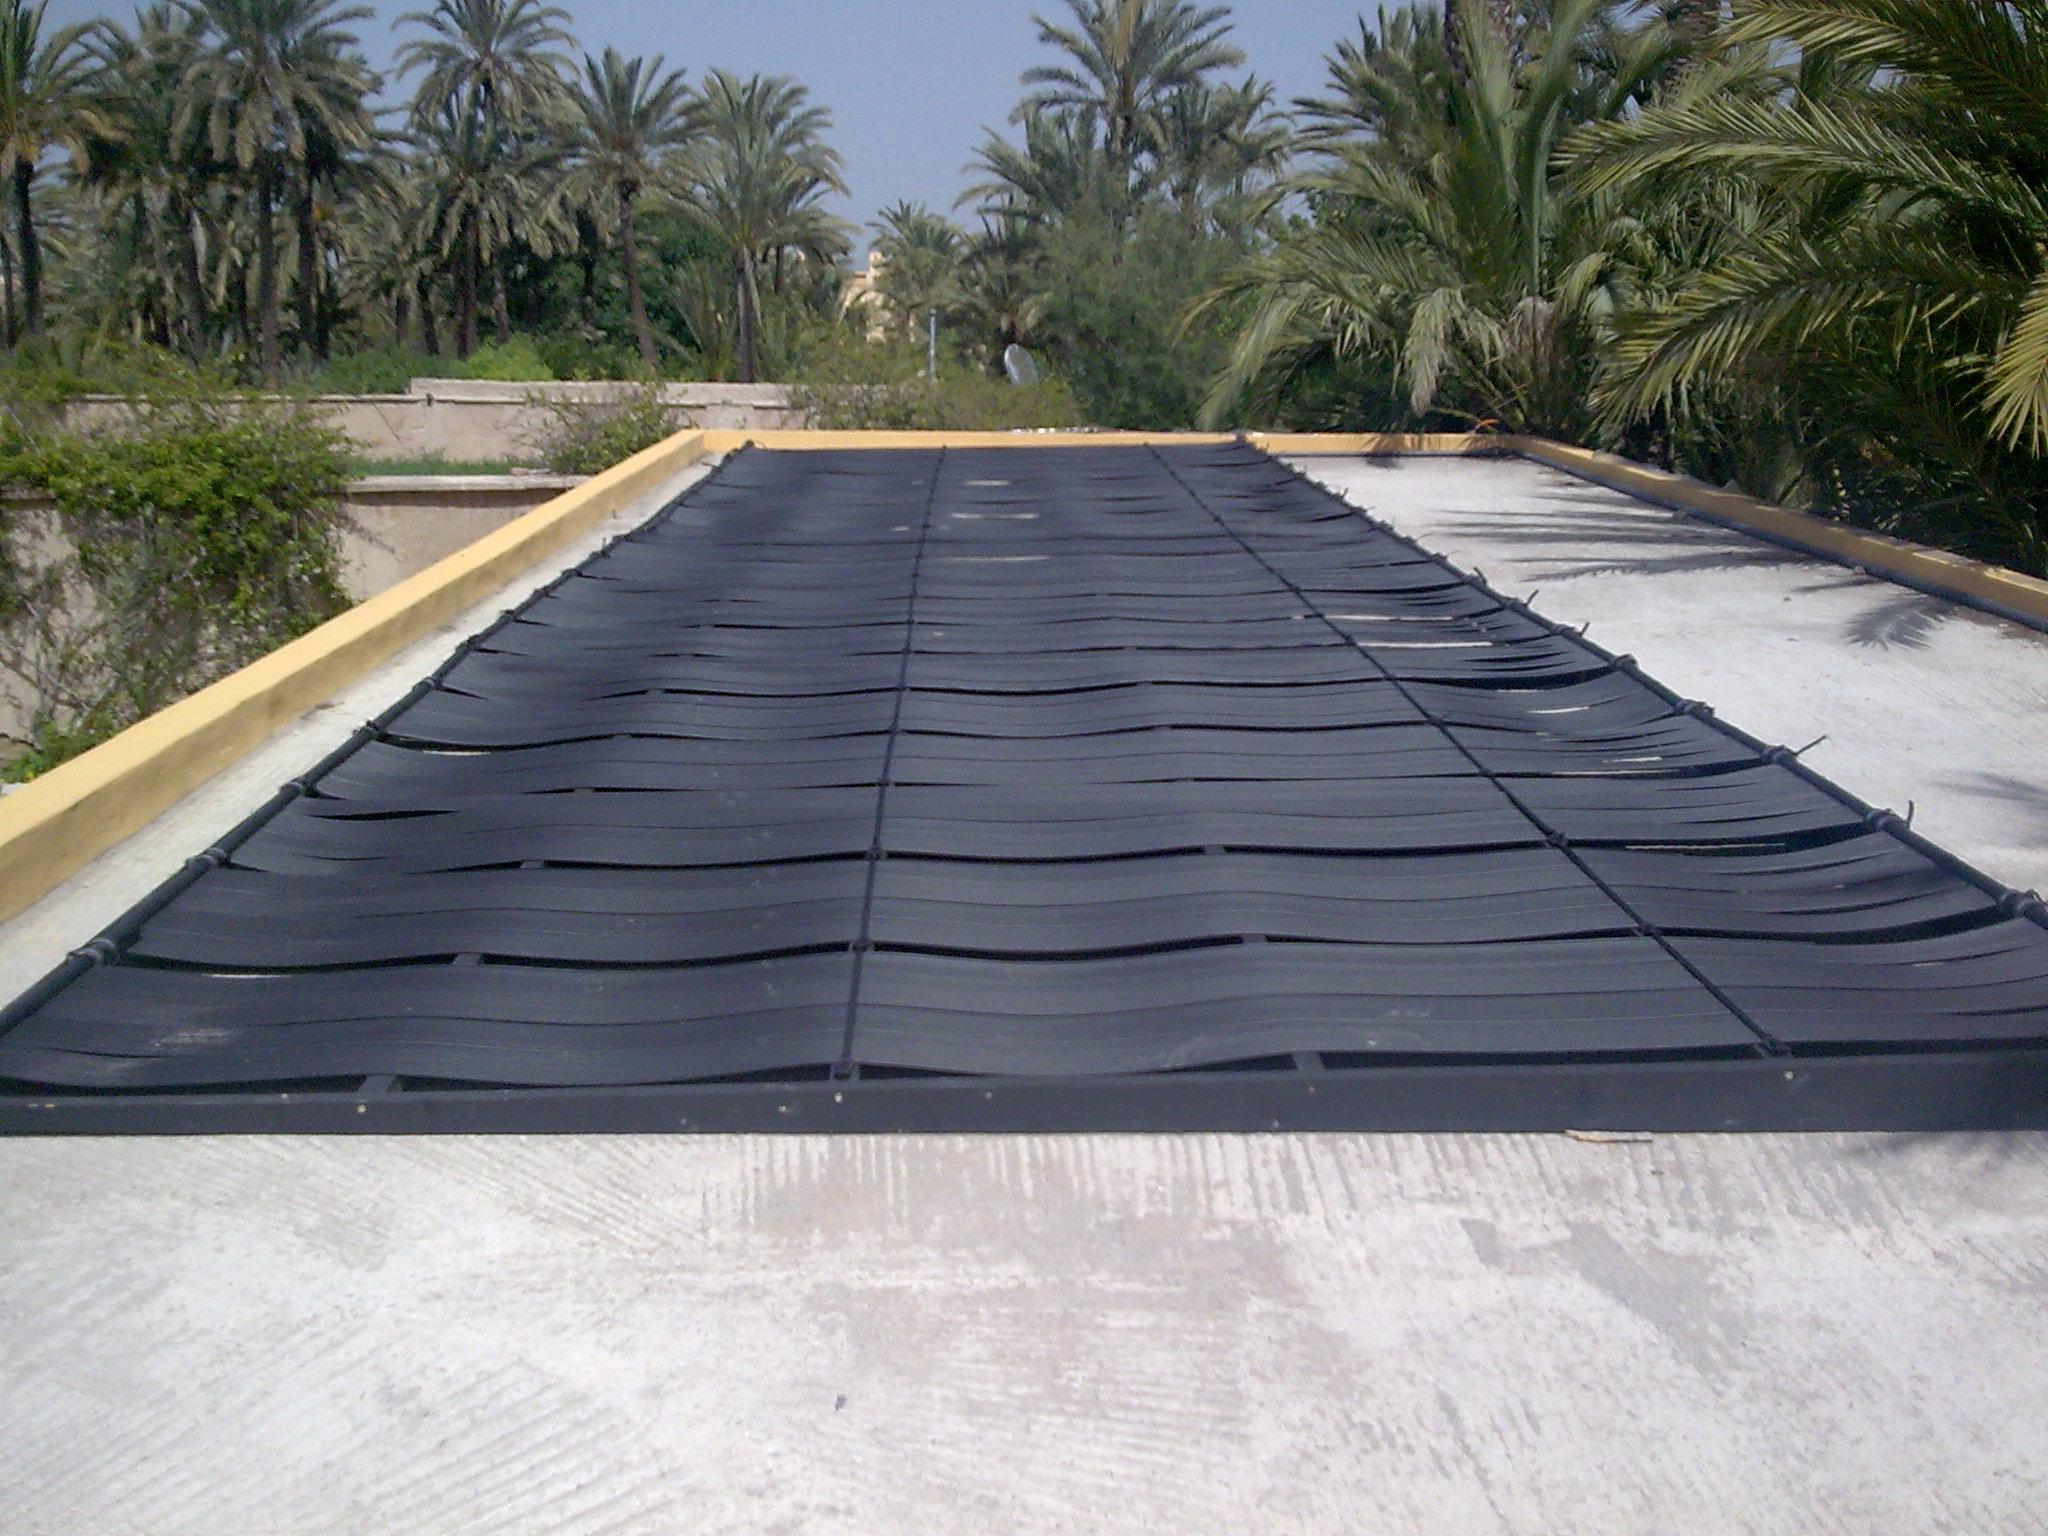 panneau solaire chauffage maison latest centrale solaire with panneau solaire chauffage maison. Black Bedroom Furniture Sets. Home Design Ideas